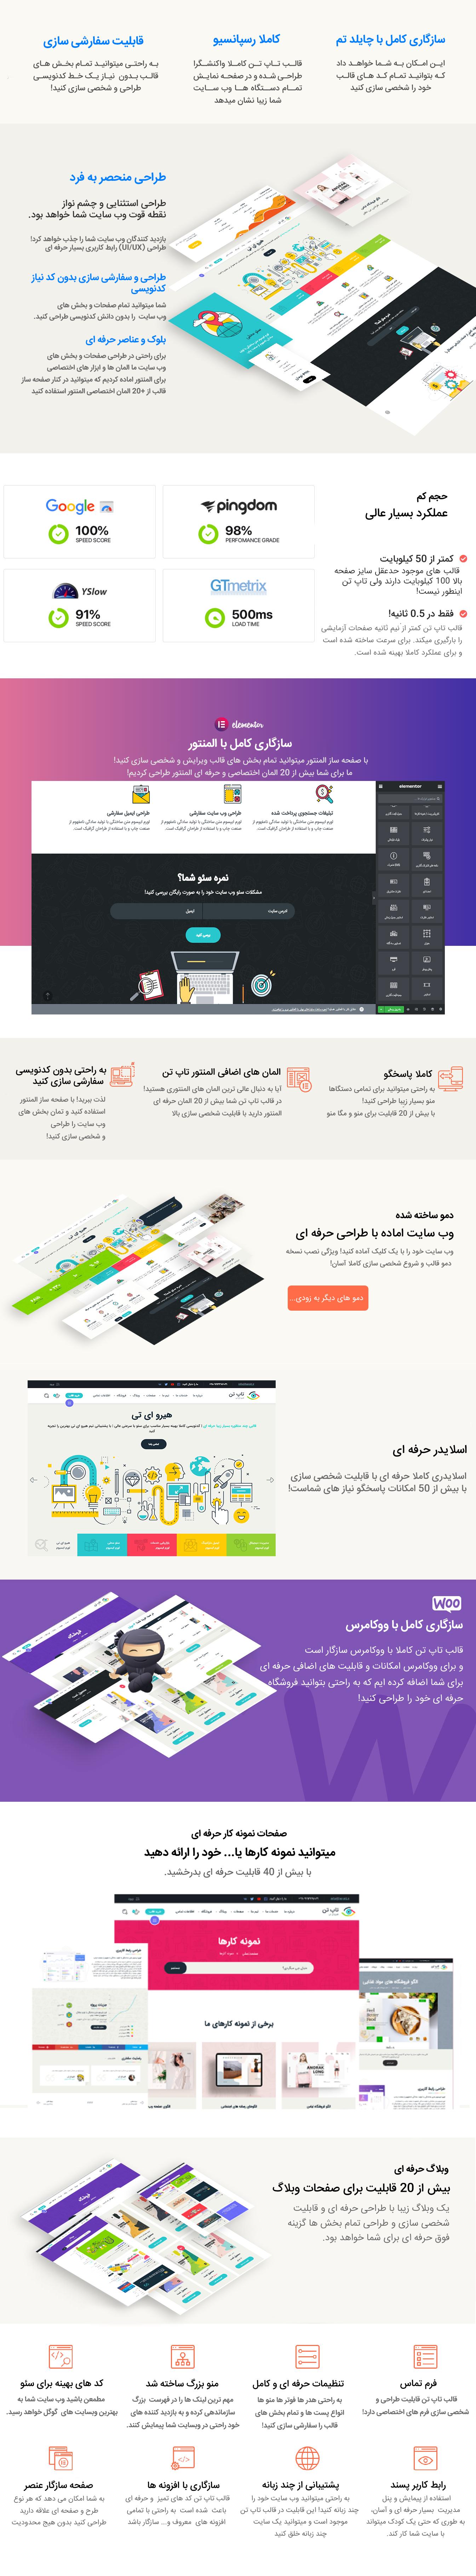 امکانات قالب سایت شرکتی تاپ تن